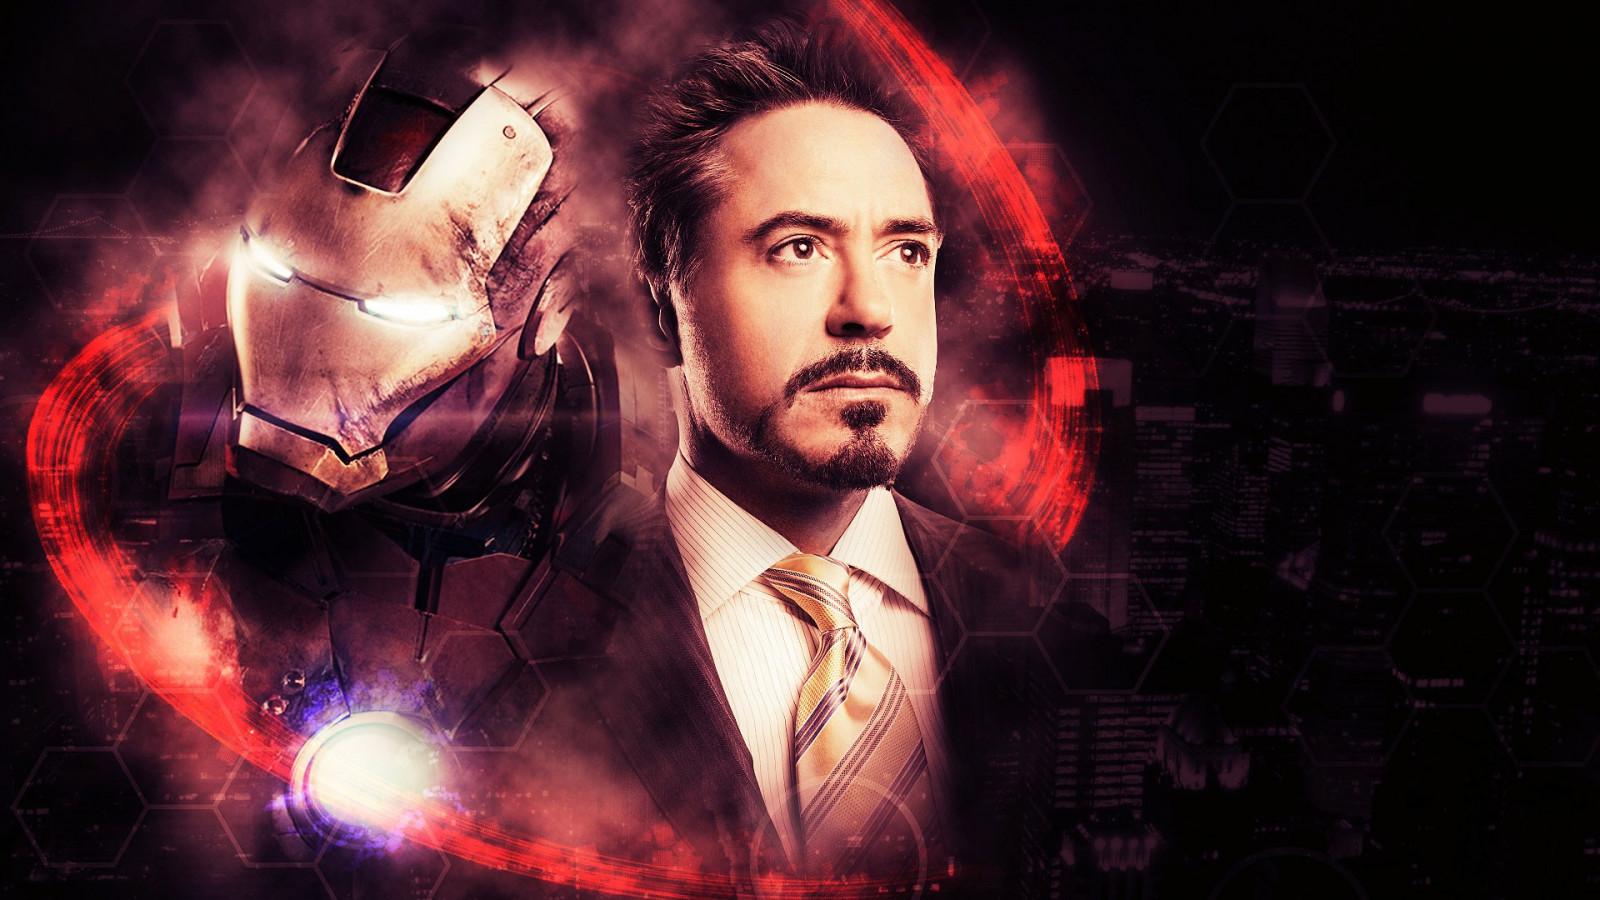 https://c.wallhere.com/photos/76/ac/Iron_Man_Tony_Stark_Robert_Downey_Jr-142613.jpg!d